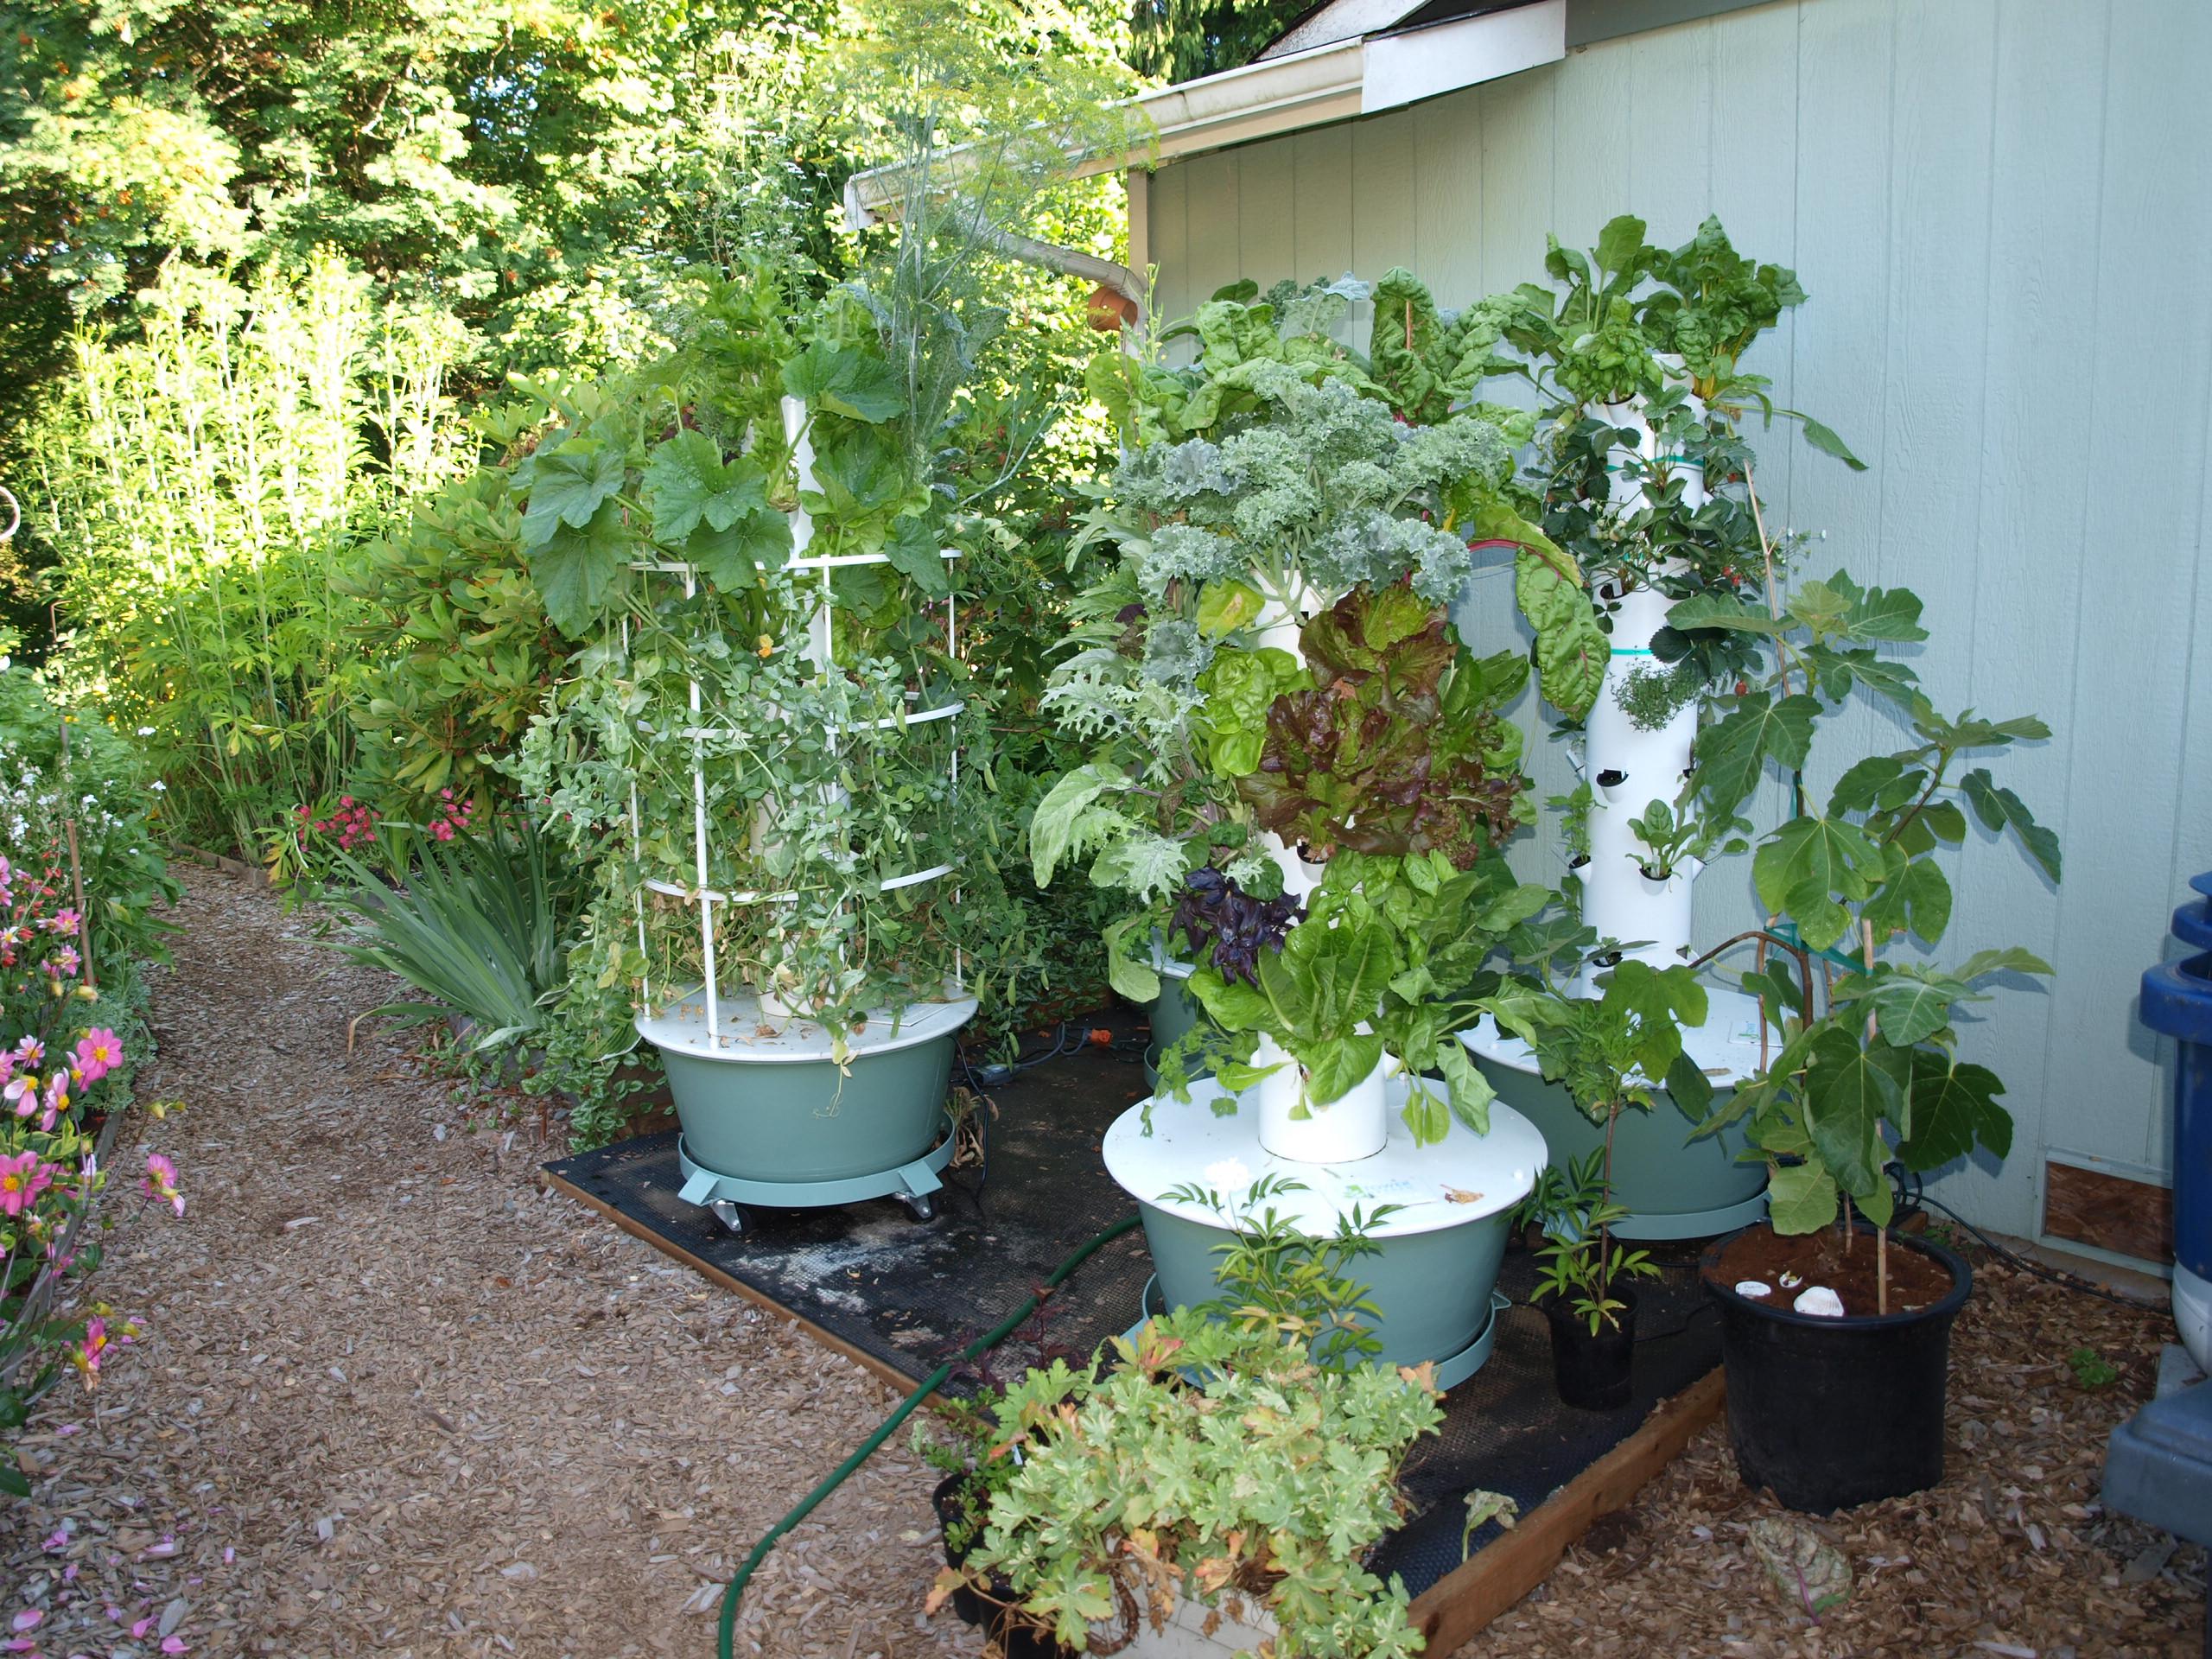 Tower Garden Urban Vertical Gardening